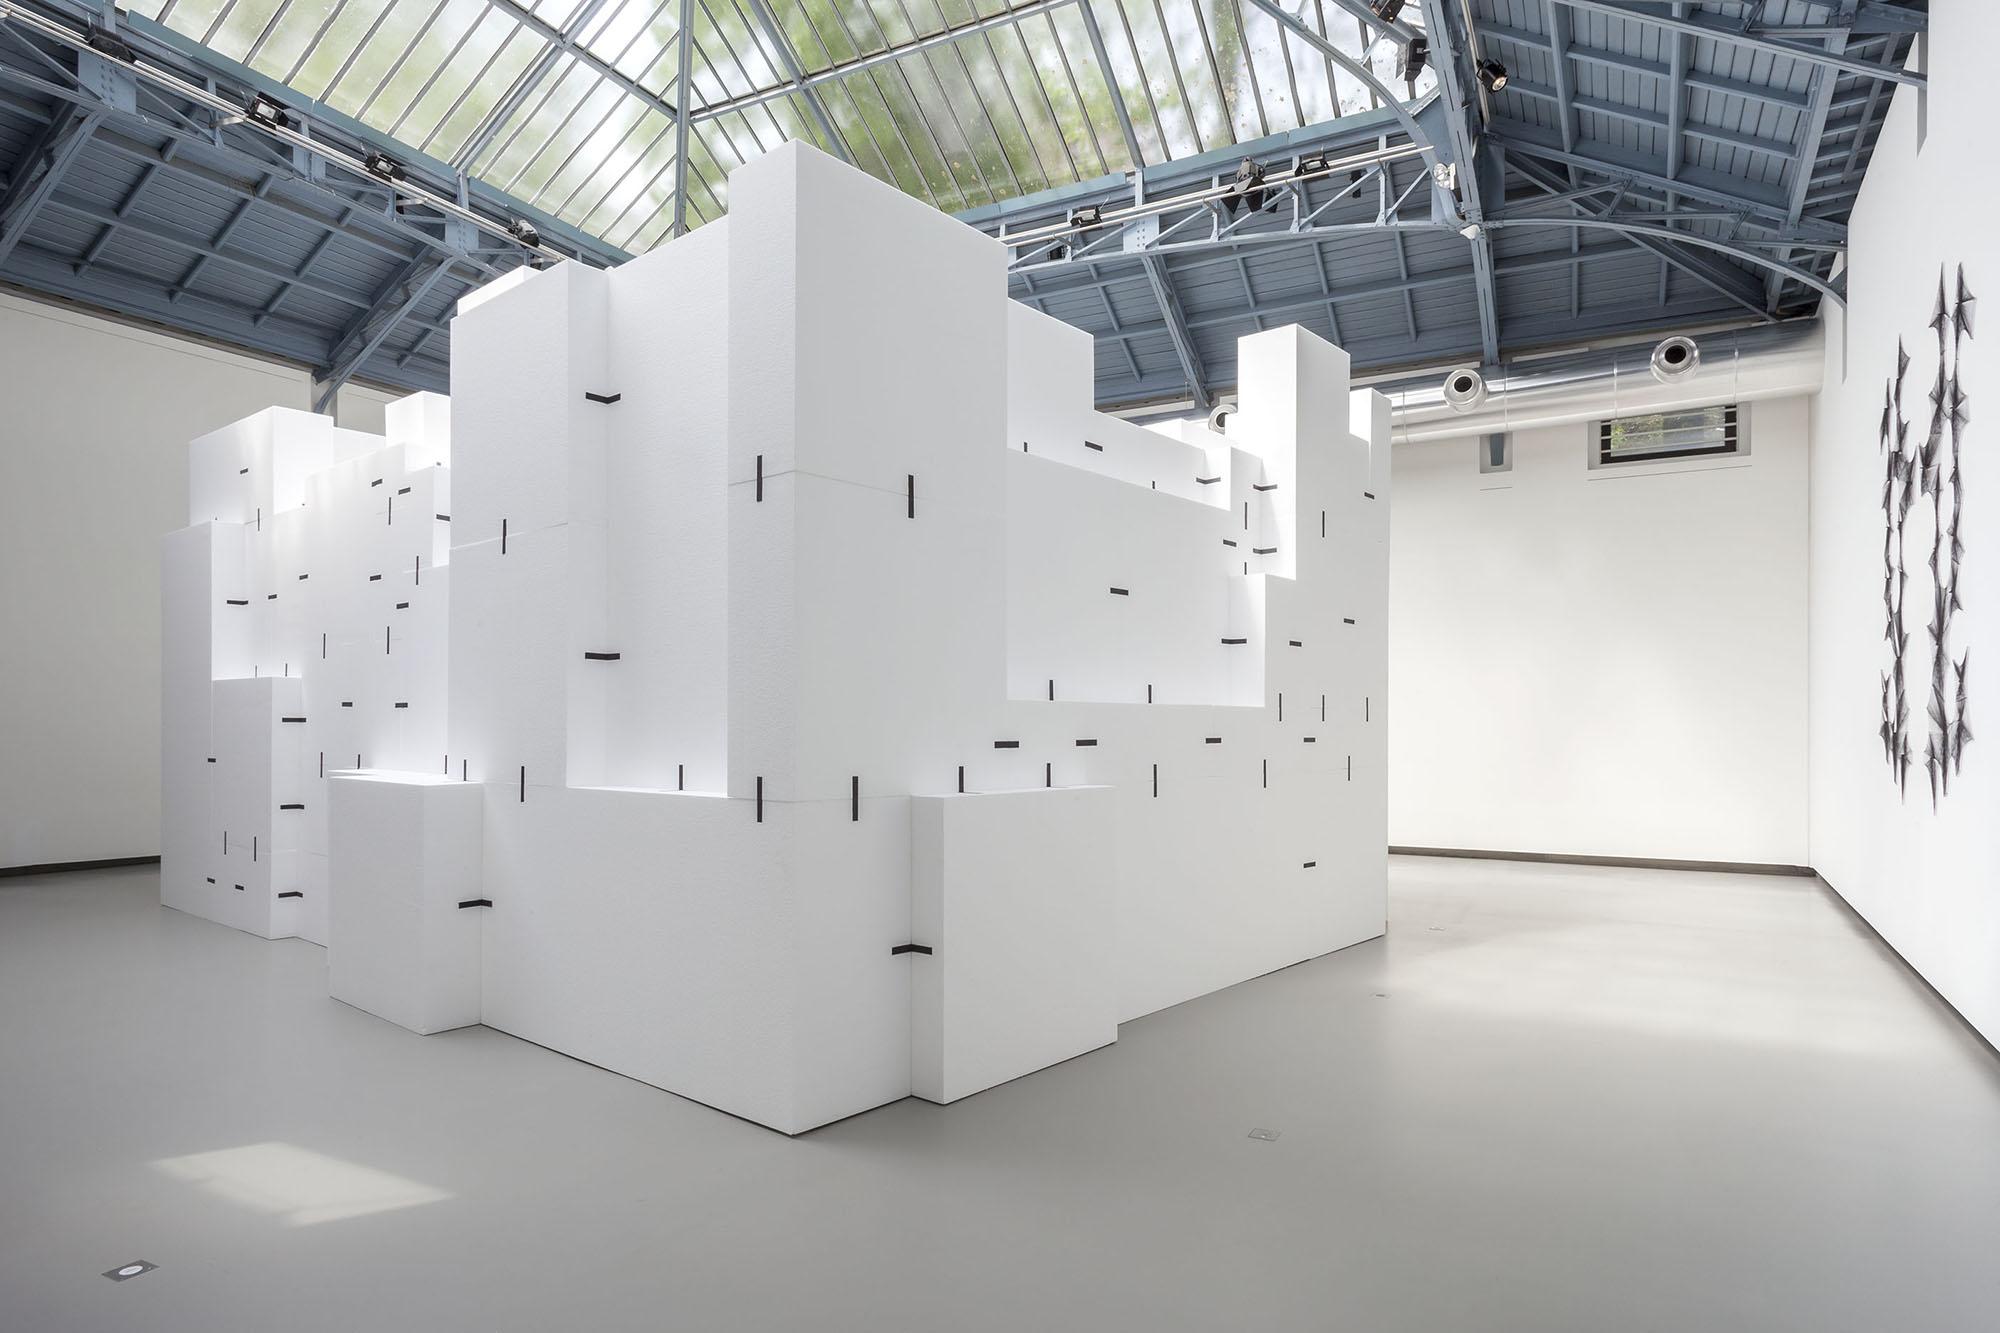 Exposition Hubert Duprat, La Verrière, Fondation d'entreprise Hermès, 2014